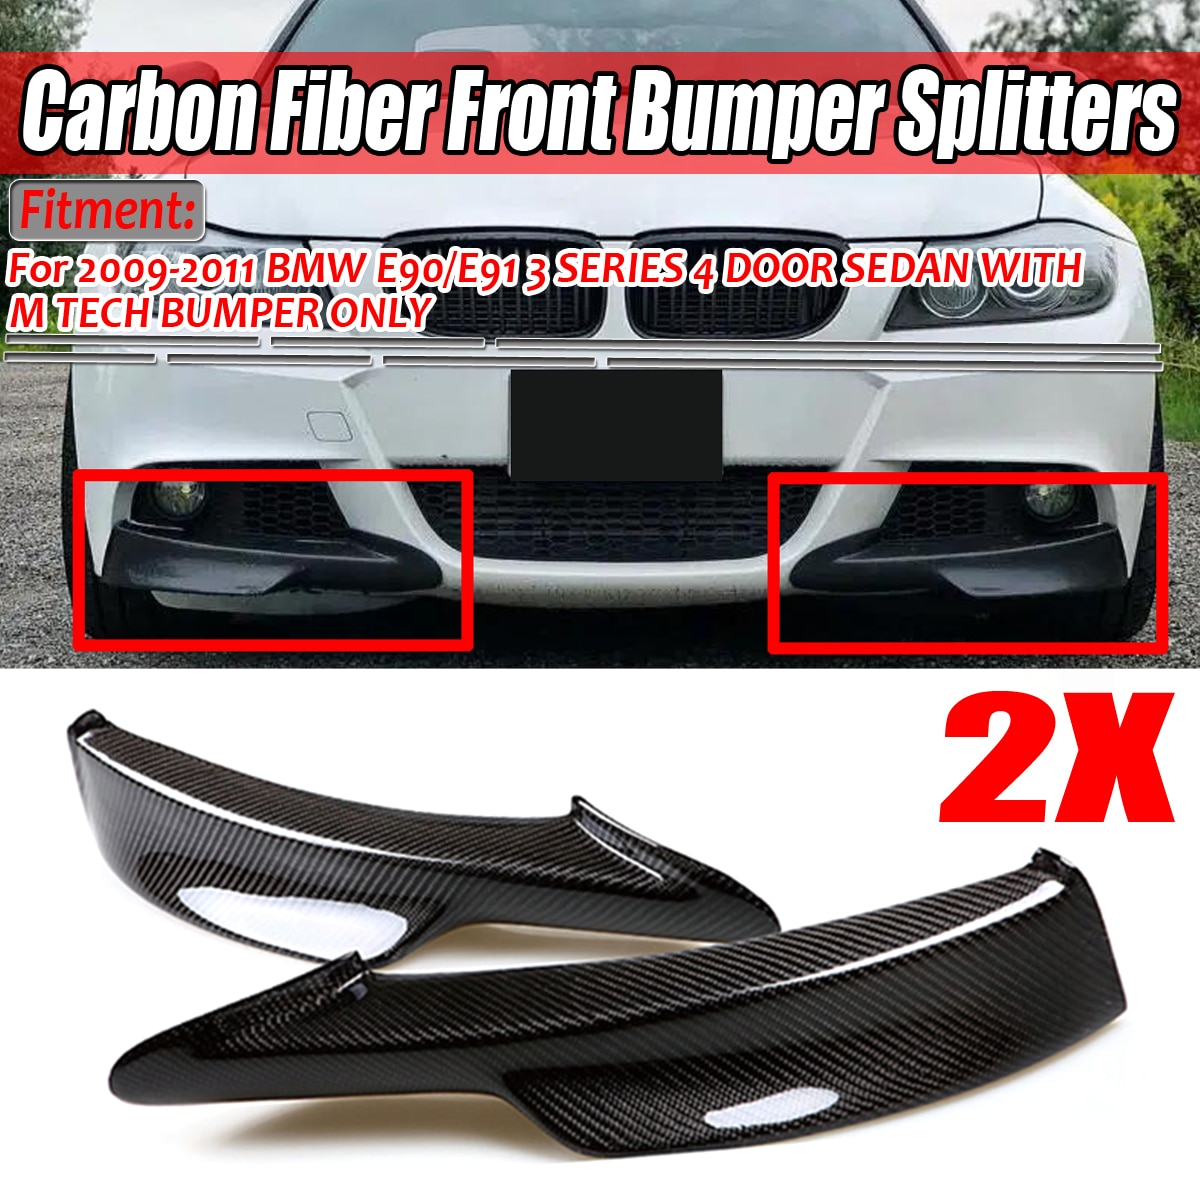 Пара реального углеродного волокна автомобиля передний бампер сплиттер губ для BMW E90/E91 3 серии 4 Dr седан с M-Tech Бампер 2009-2011